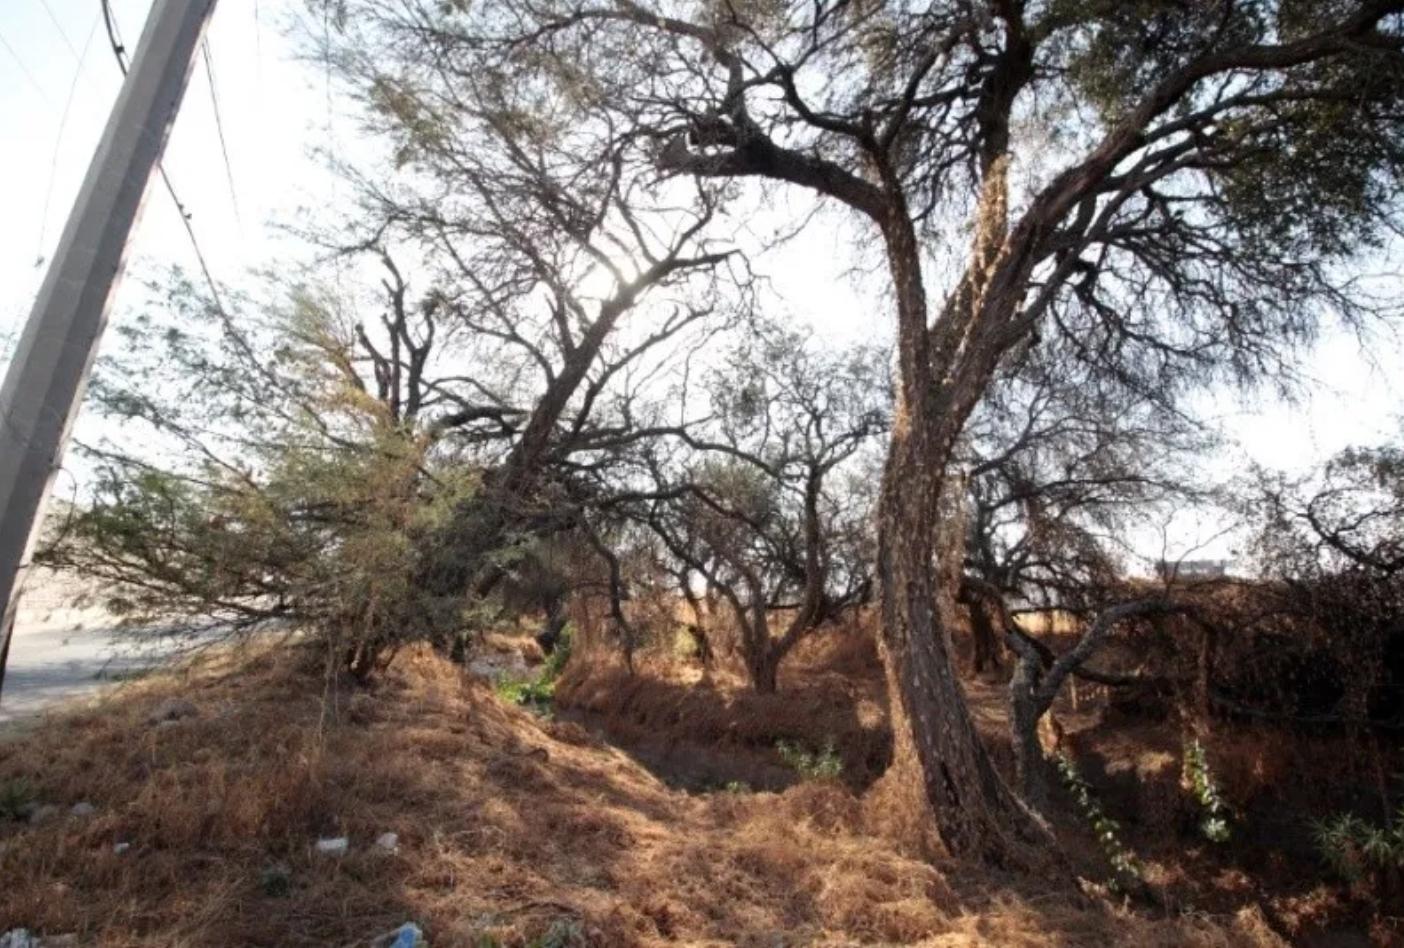 Denuncian a constructora Aldaba por daño ambiental en el arroyo Las Liebres (Guanajuato)